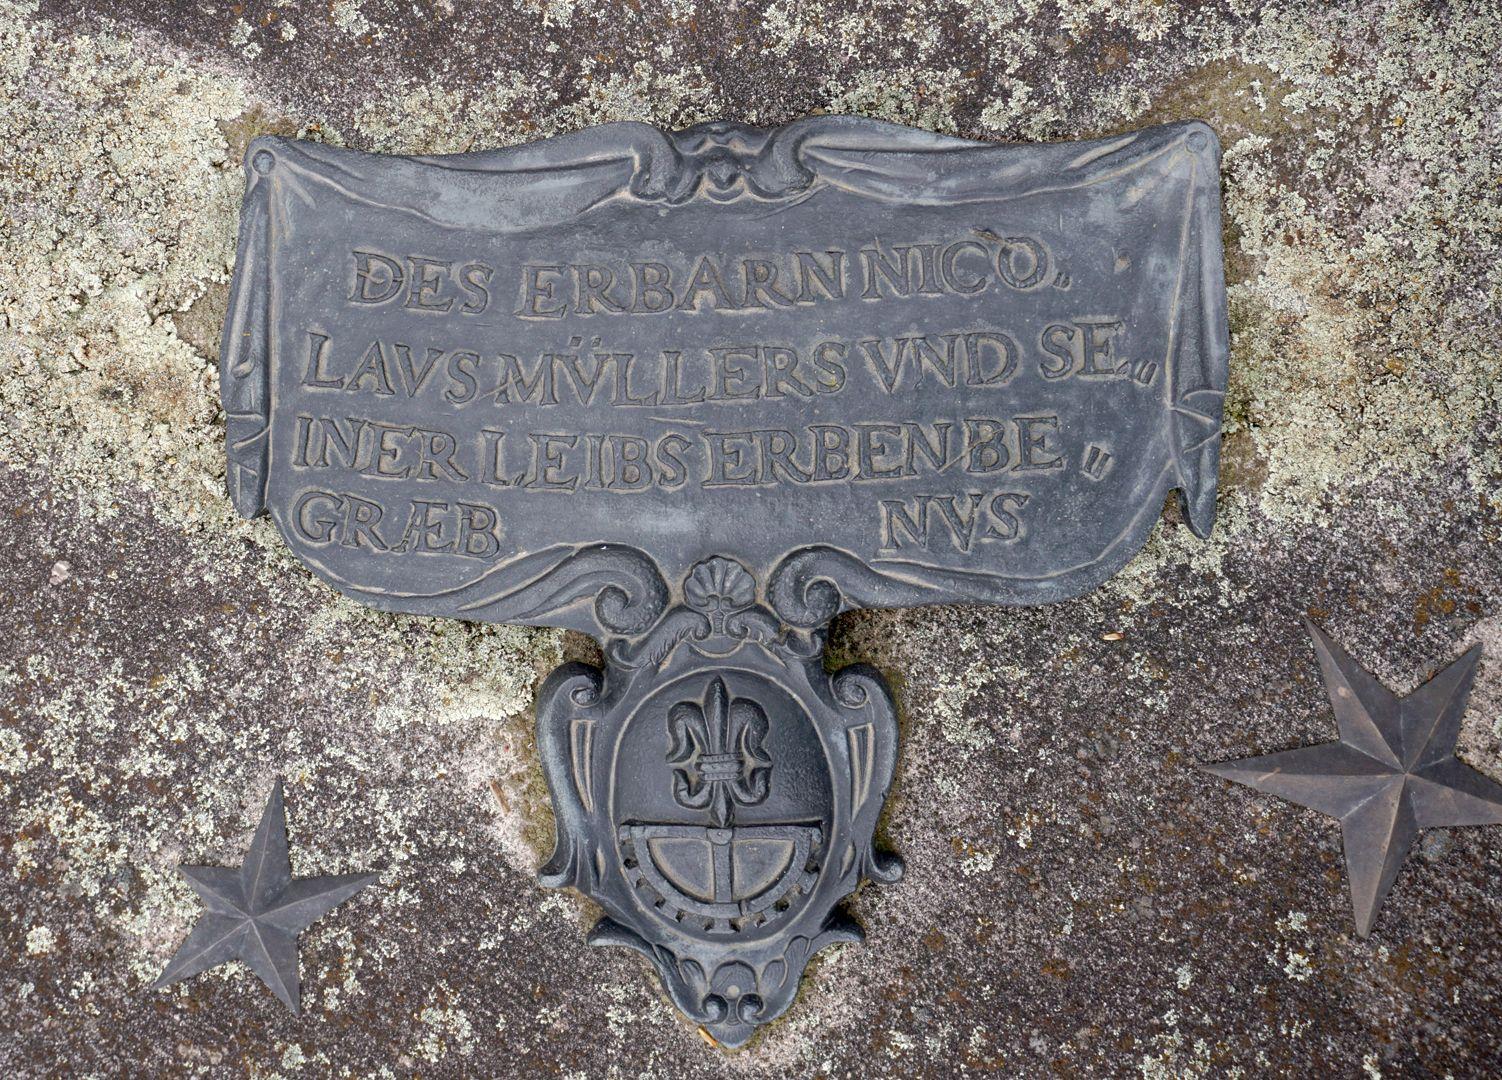 Carlos Pascual Grabstätte Historische Epitaphtafel von Nicolaus Müller (um 1600)